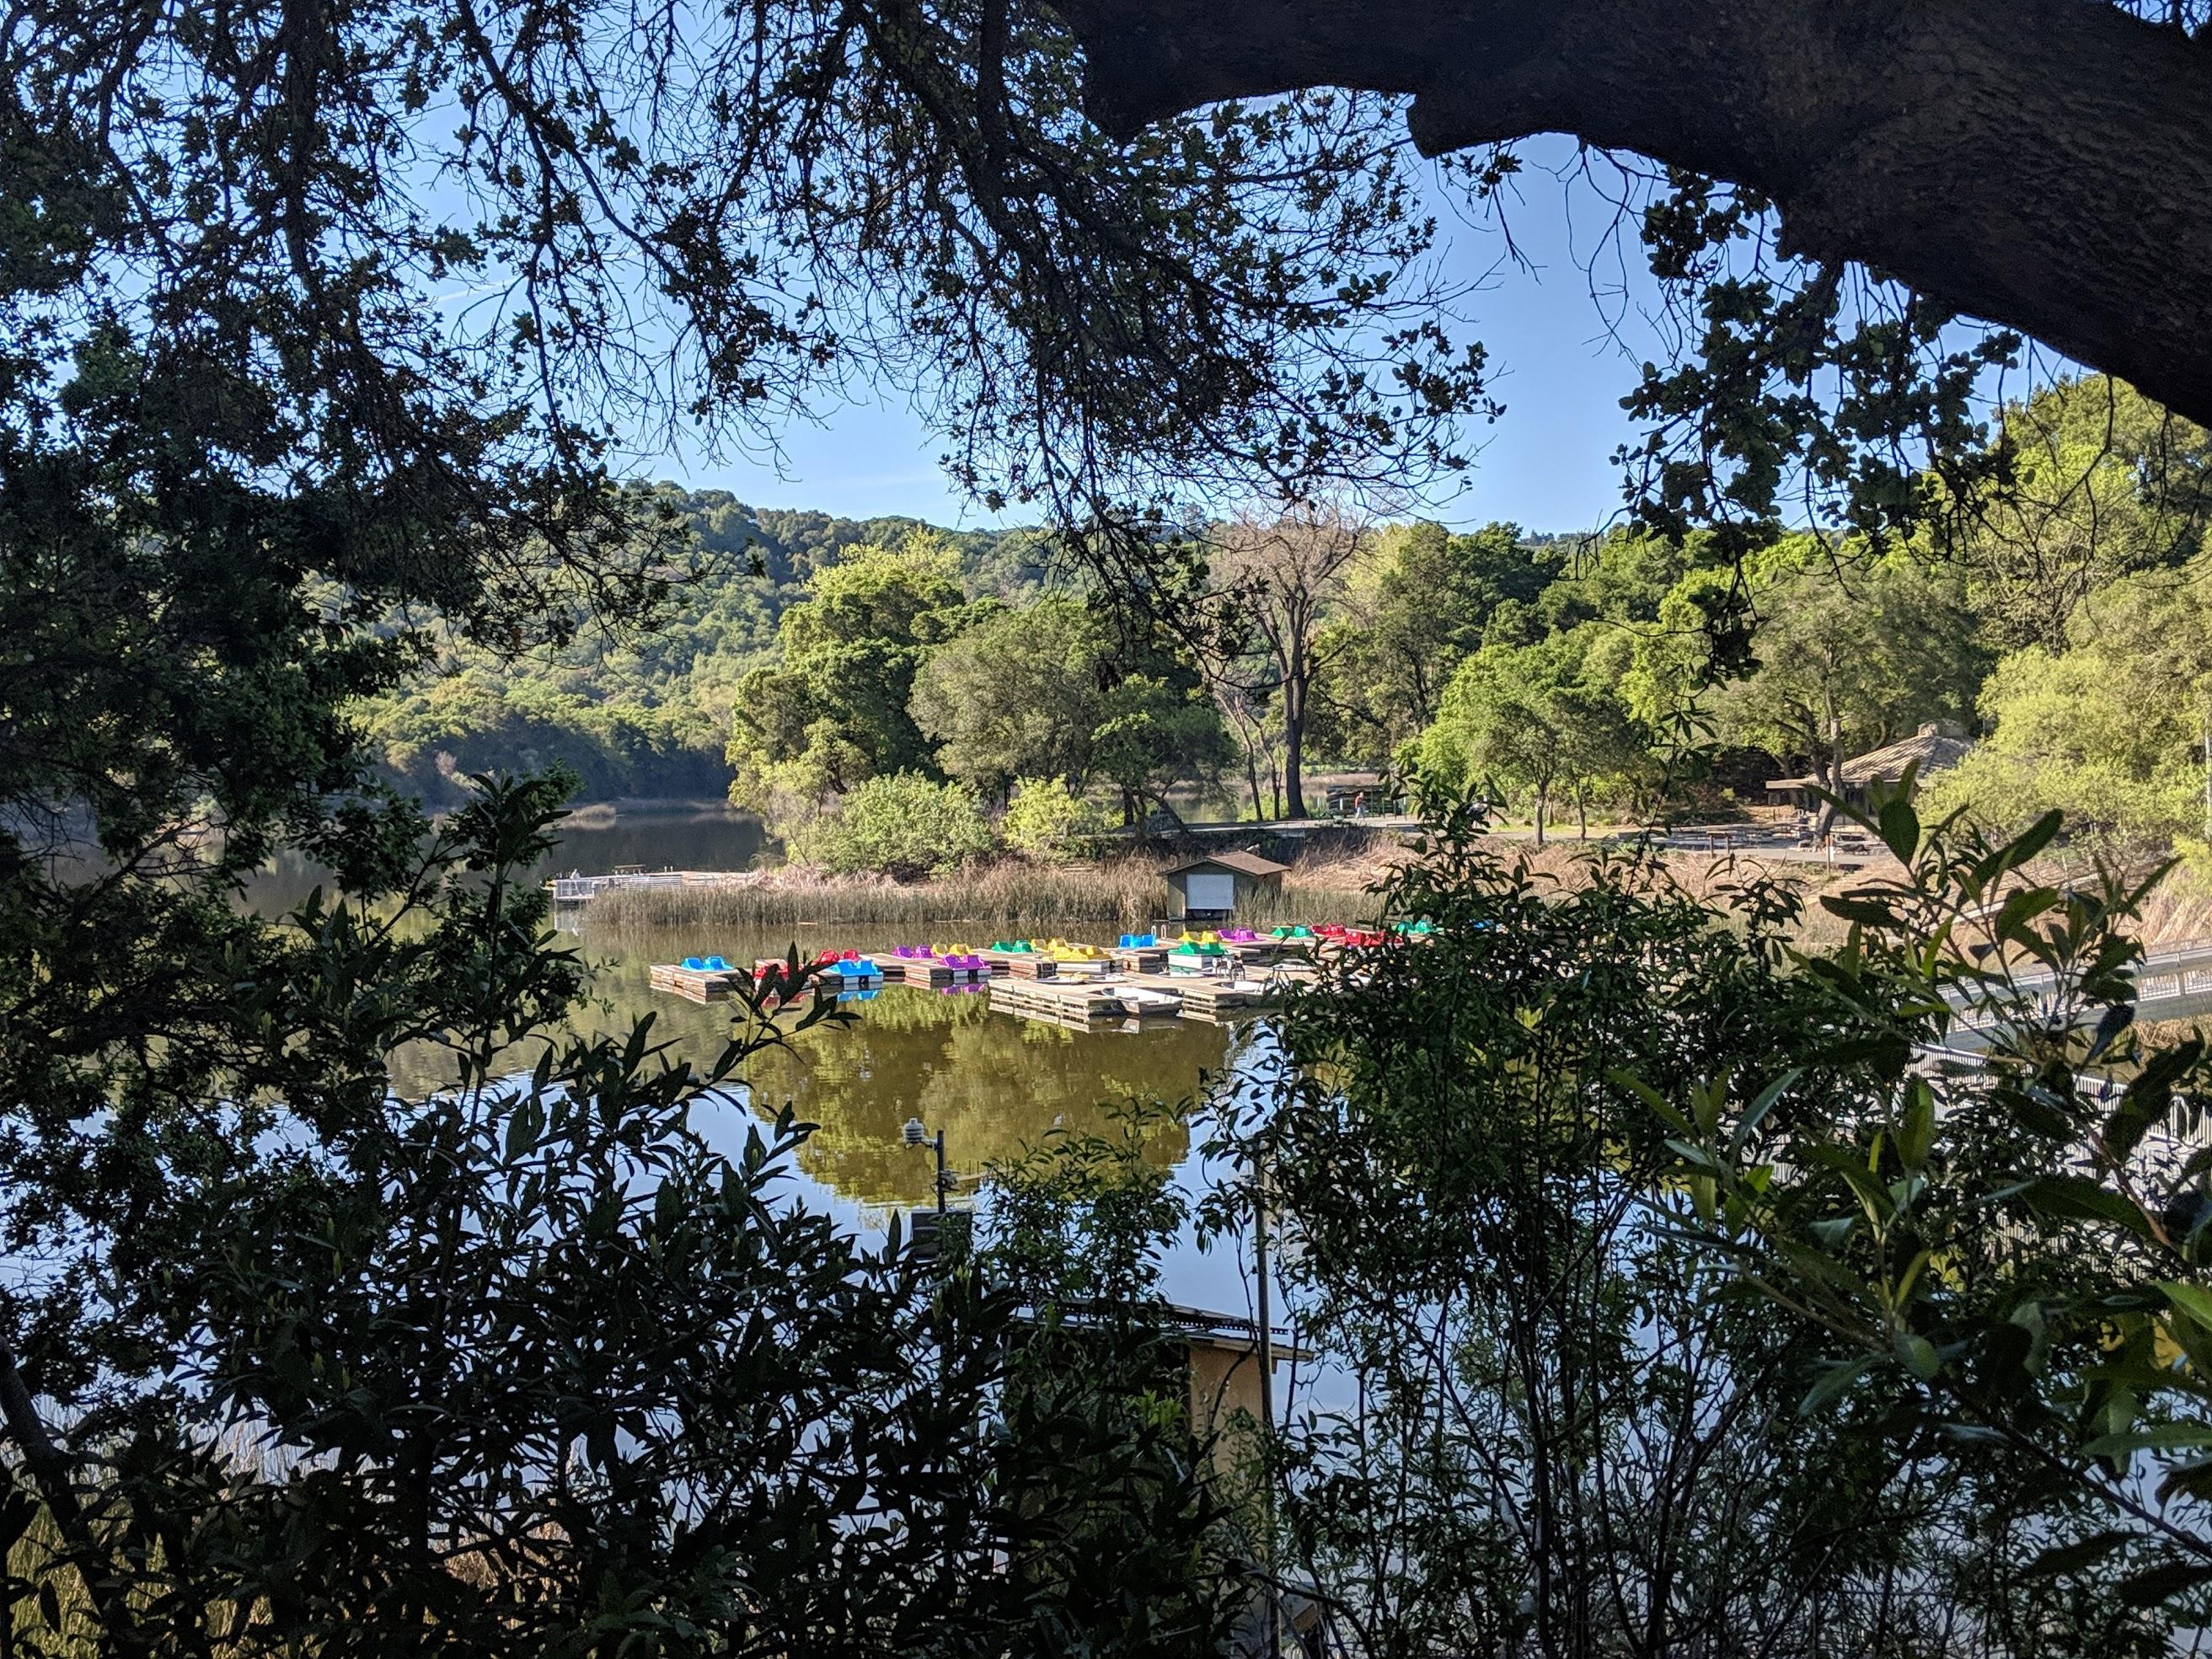 Oltre le colline di Oakland e Berkeley si trovano alcune piccole cittadine comm Lafayette. Non lontano dal centro di lafayette il laghetto Lafayette Reservoir offre un bel loop di 4.6 km, tutti all'ombra, perfetto per le giornate calde.